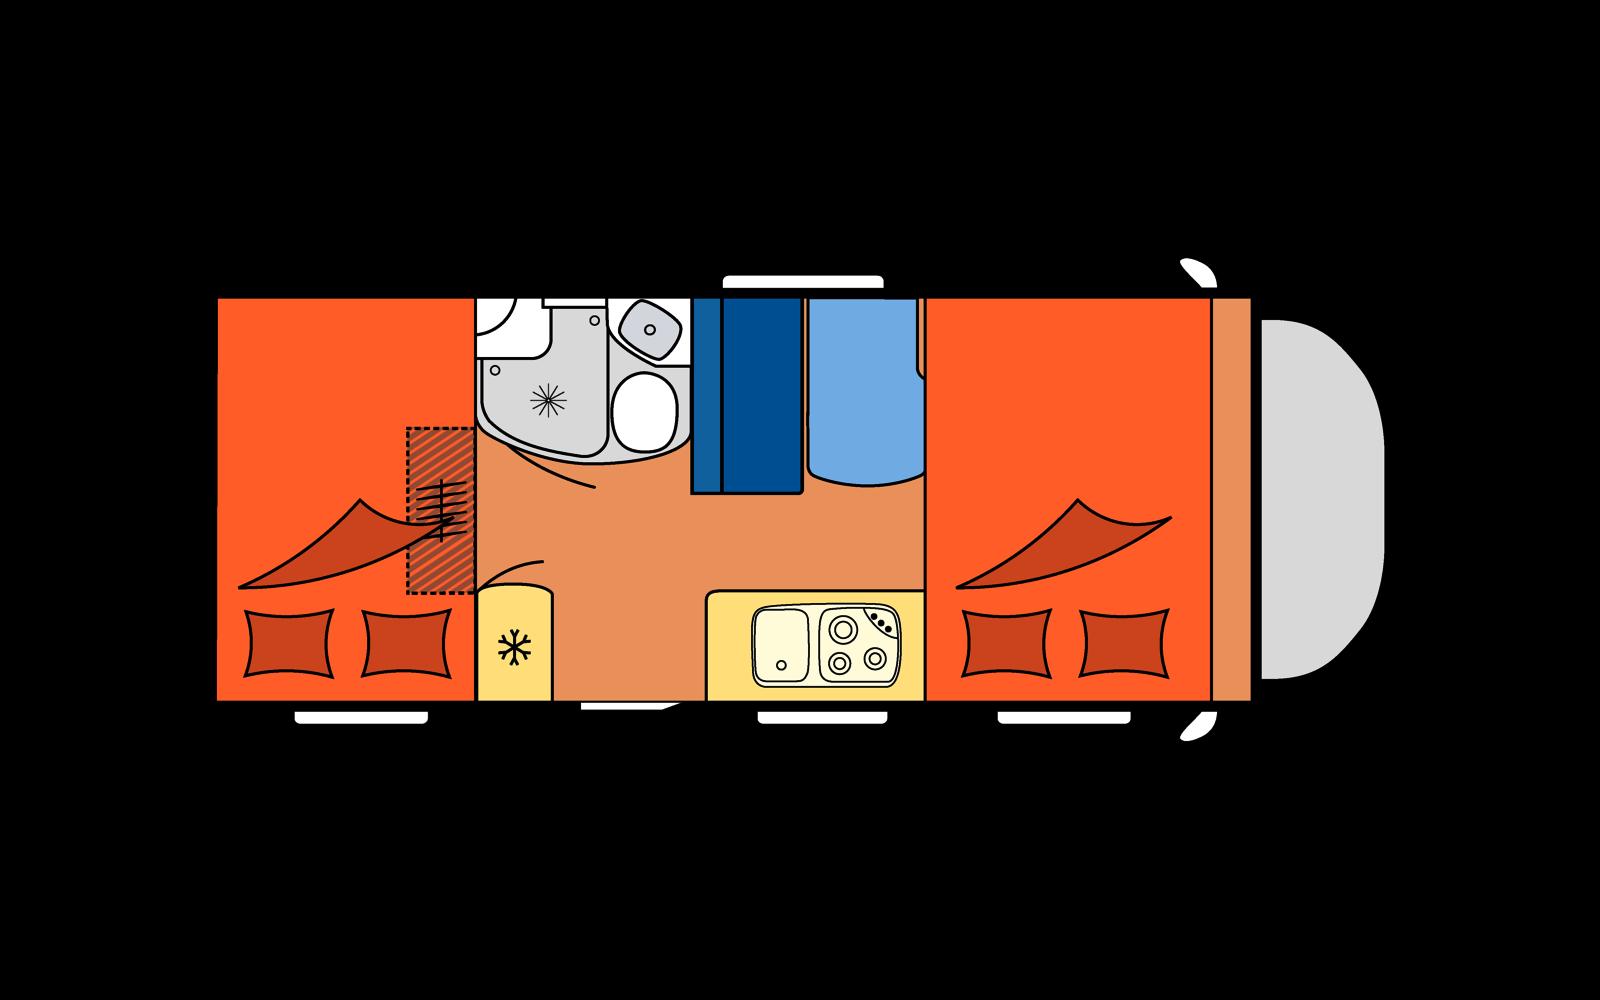 Ejemplo distribución autocavanana LARGE